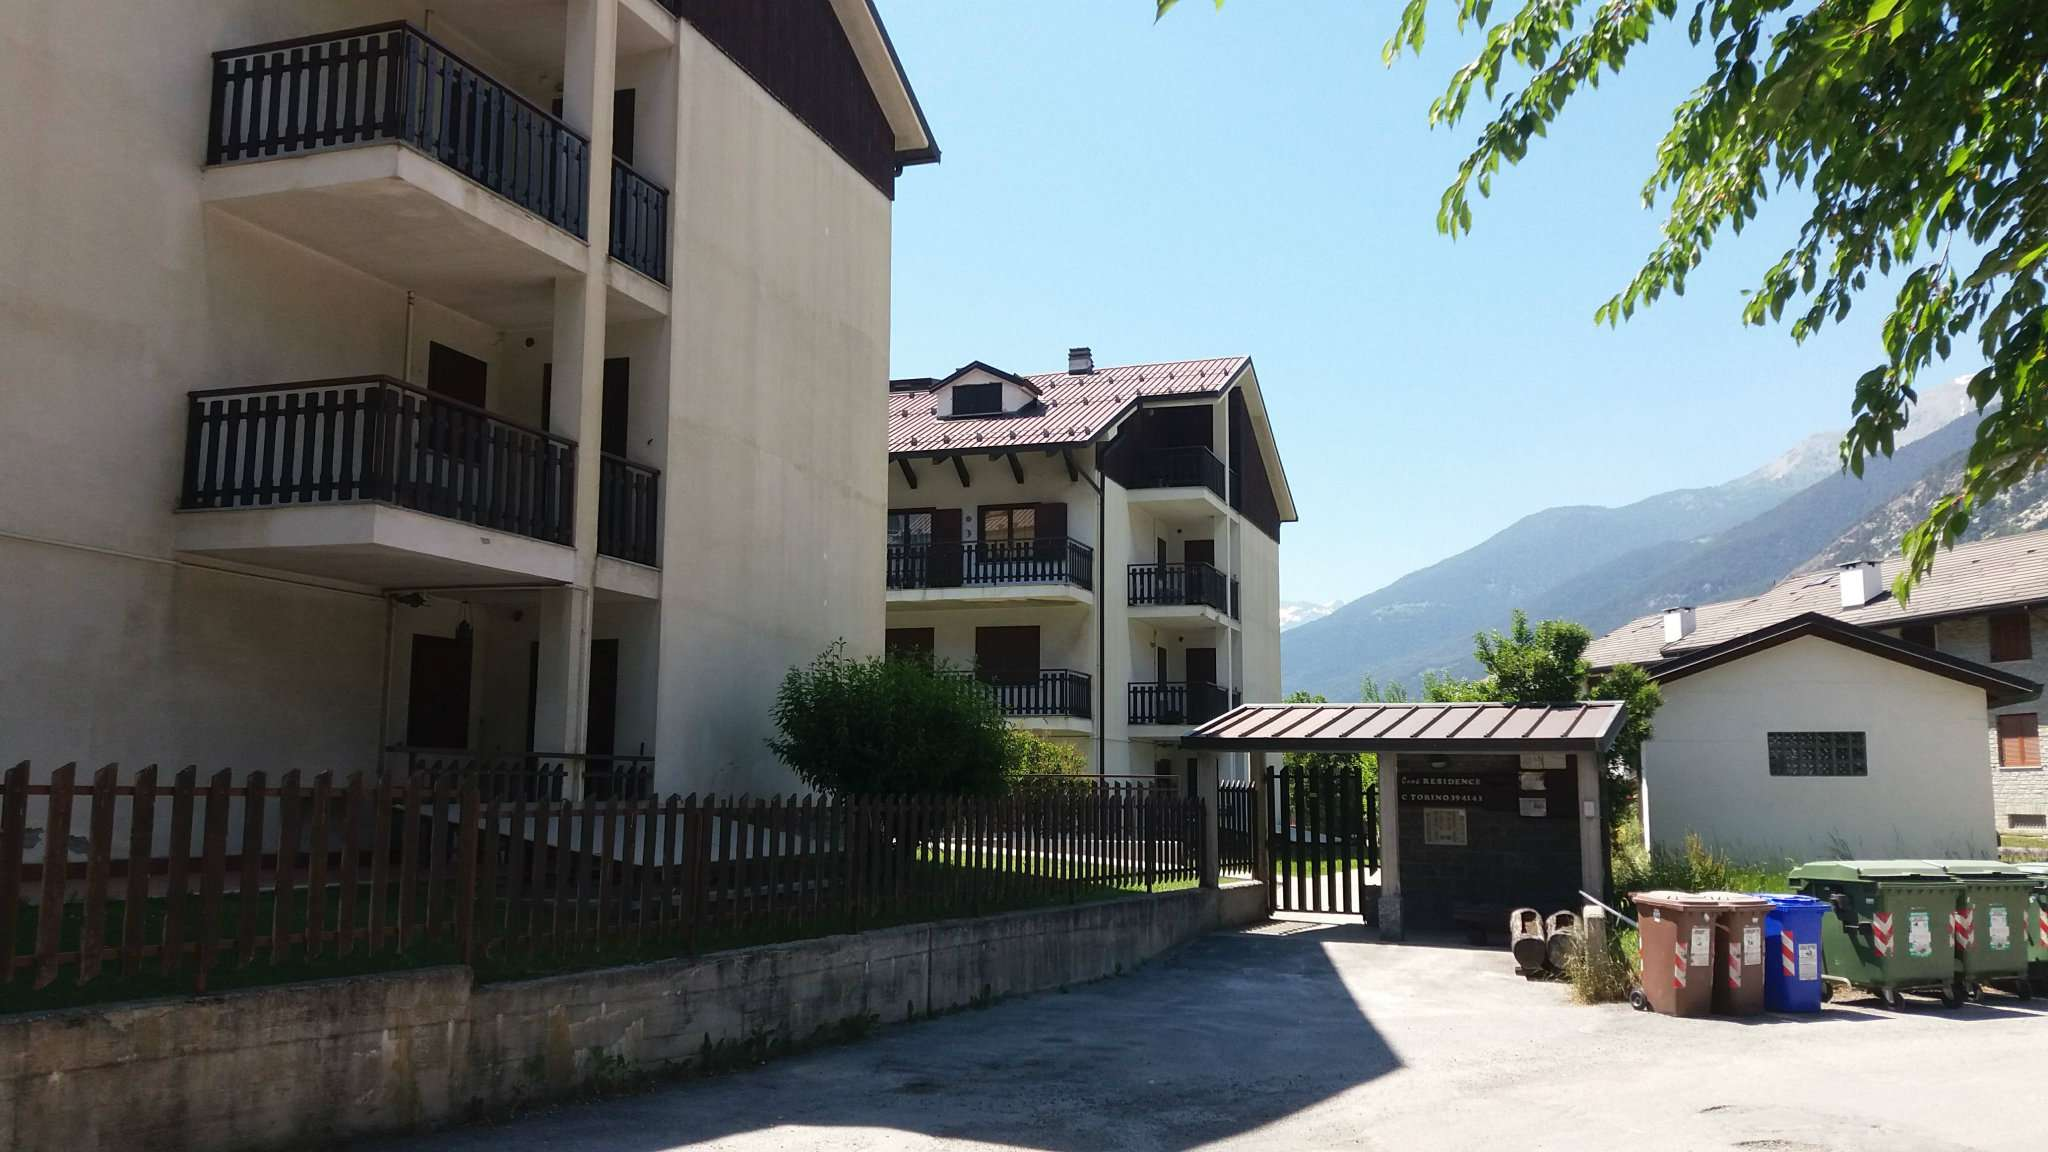 Appartamento in vendita a Oulx, 2 locali, prezzo € 120.000 | CambioCasa.it